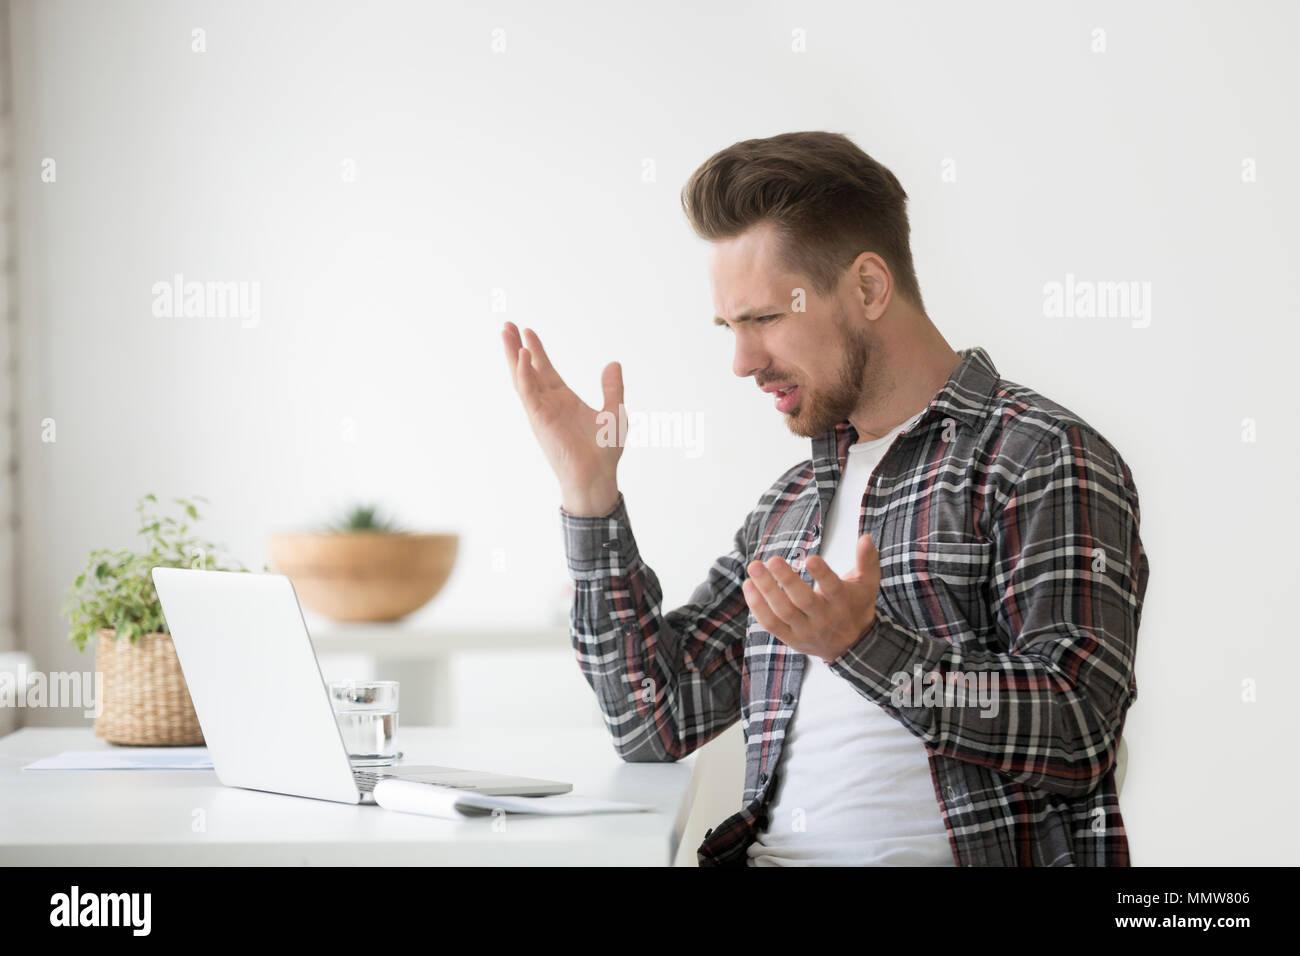 Confondre homme colère frustrée par la haine, problème en ligne bloqué lapt Banque D'Images